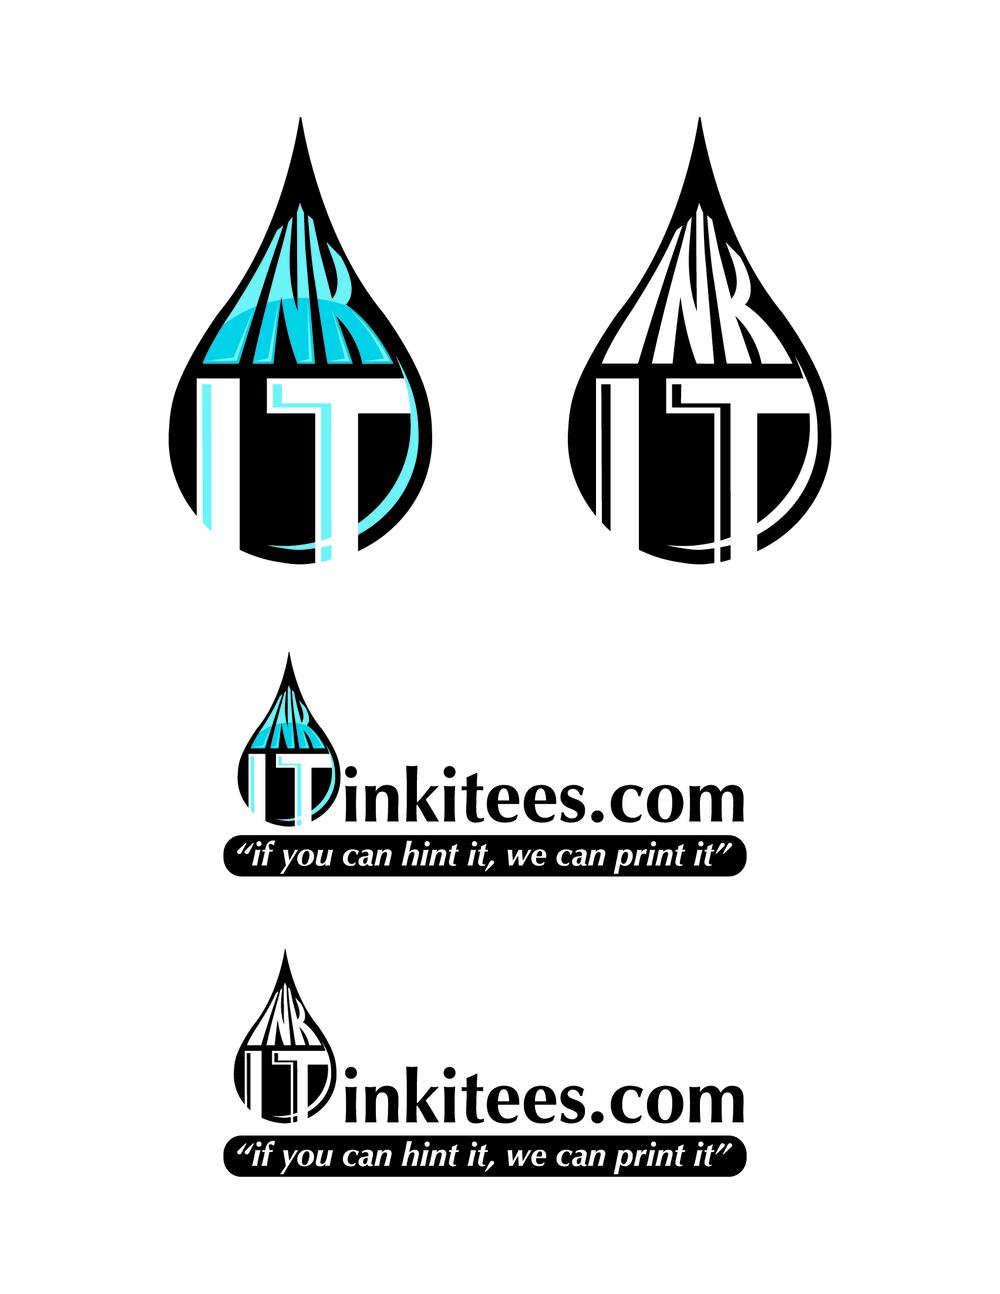 INK IT logo 1.jpg